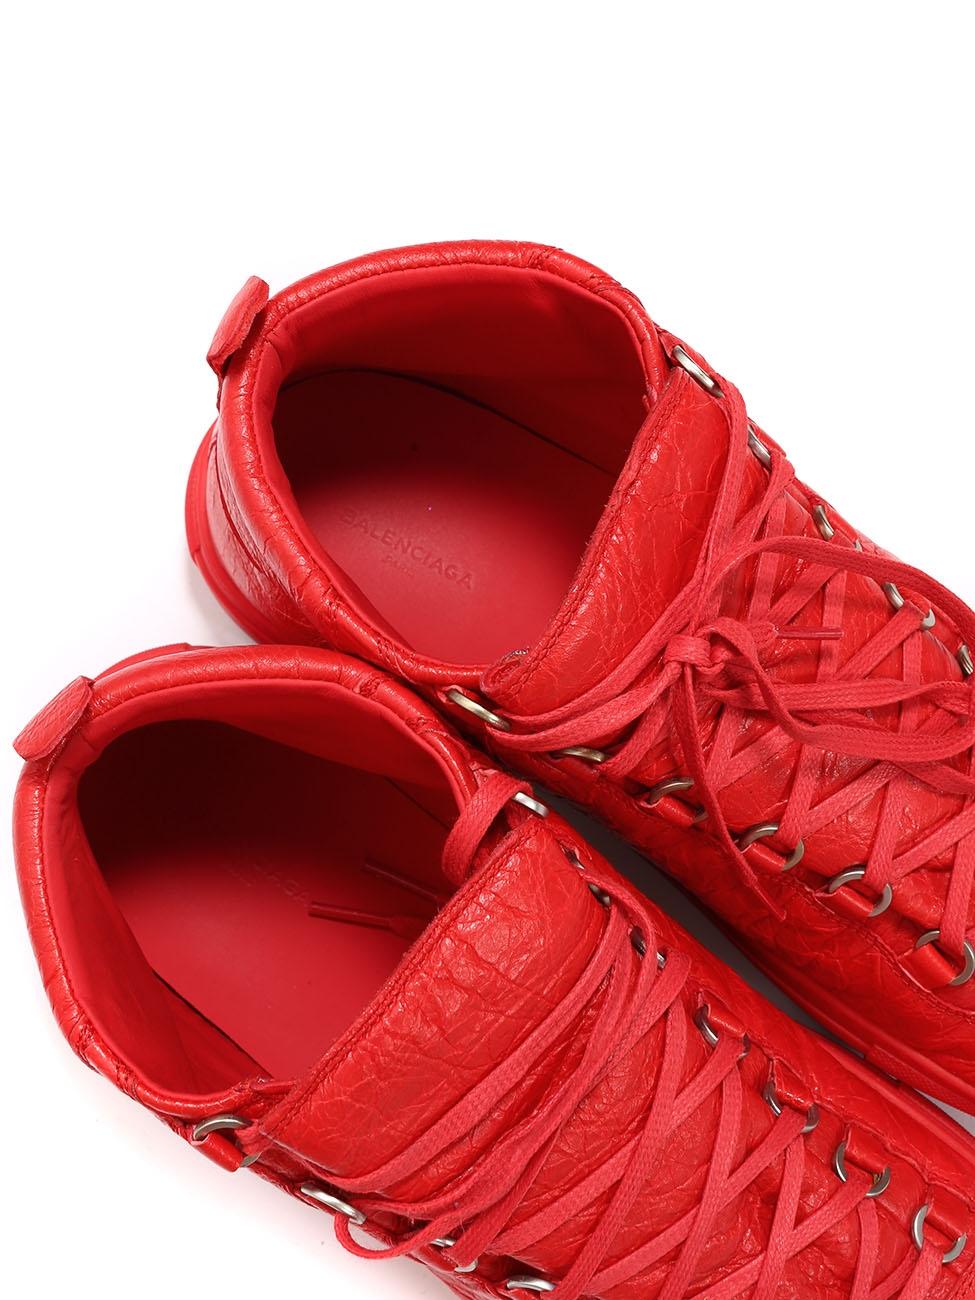 Louise Paris BALENCIAGA ARENA Red leather sneakers Retail